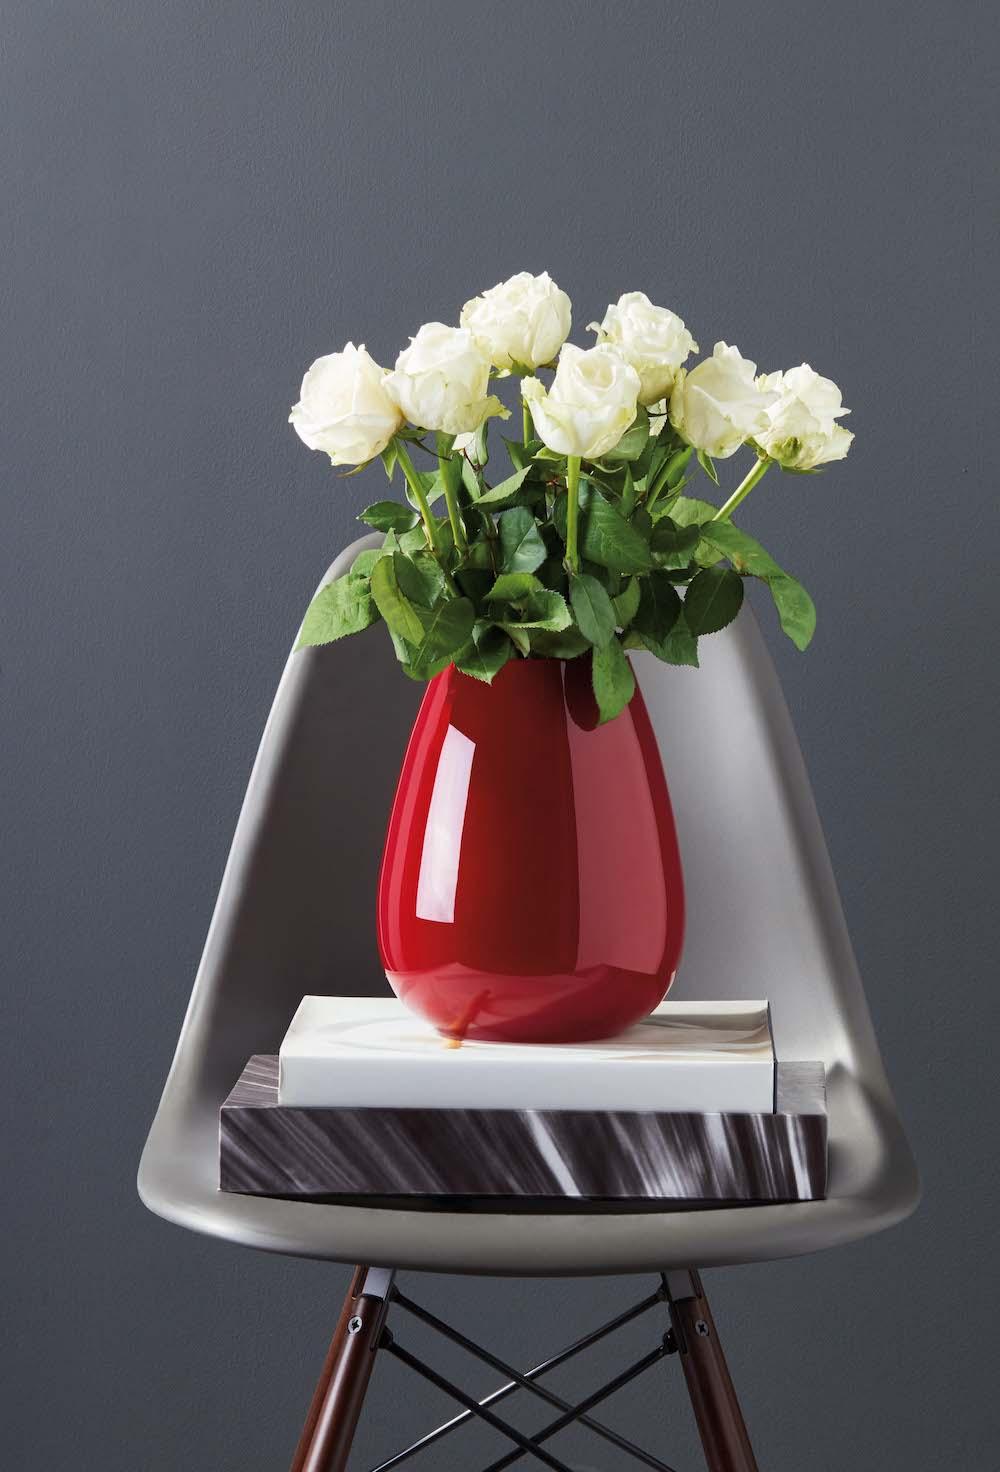 Stijlvolle vazen voor een prachtig boeket